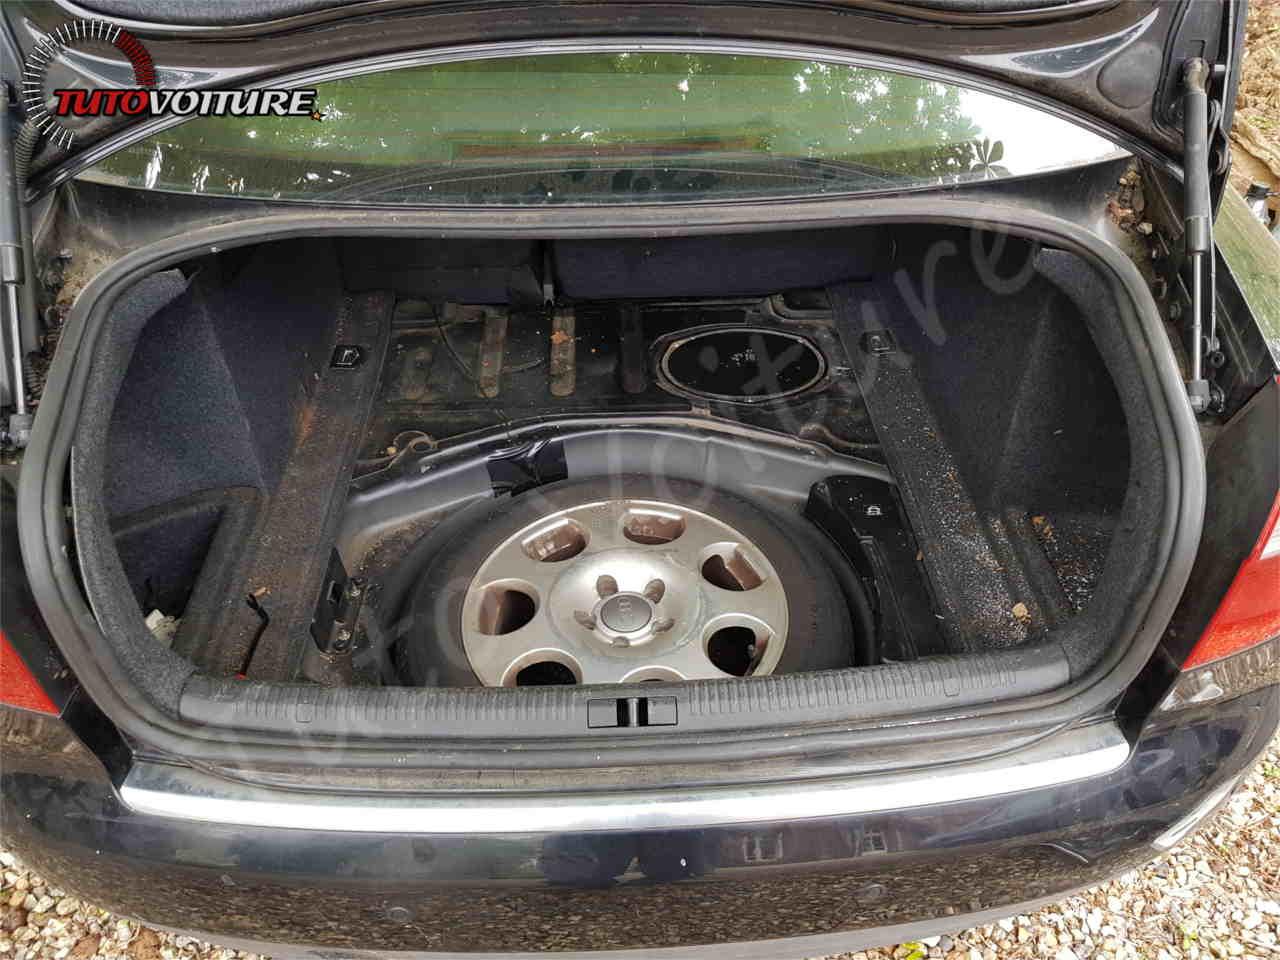 Emplacement de la roue de secours Audi A4 B6